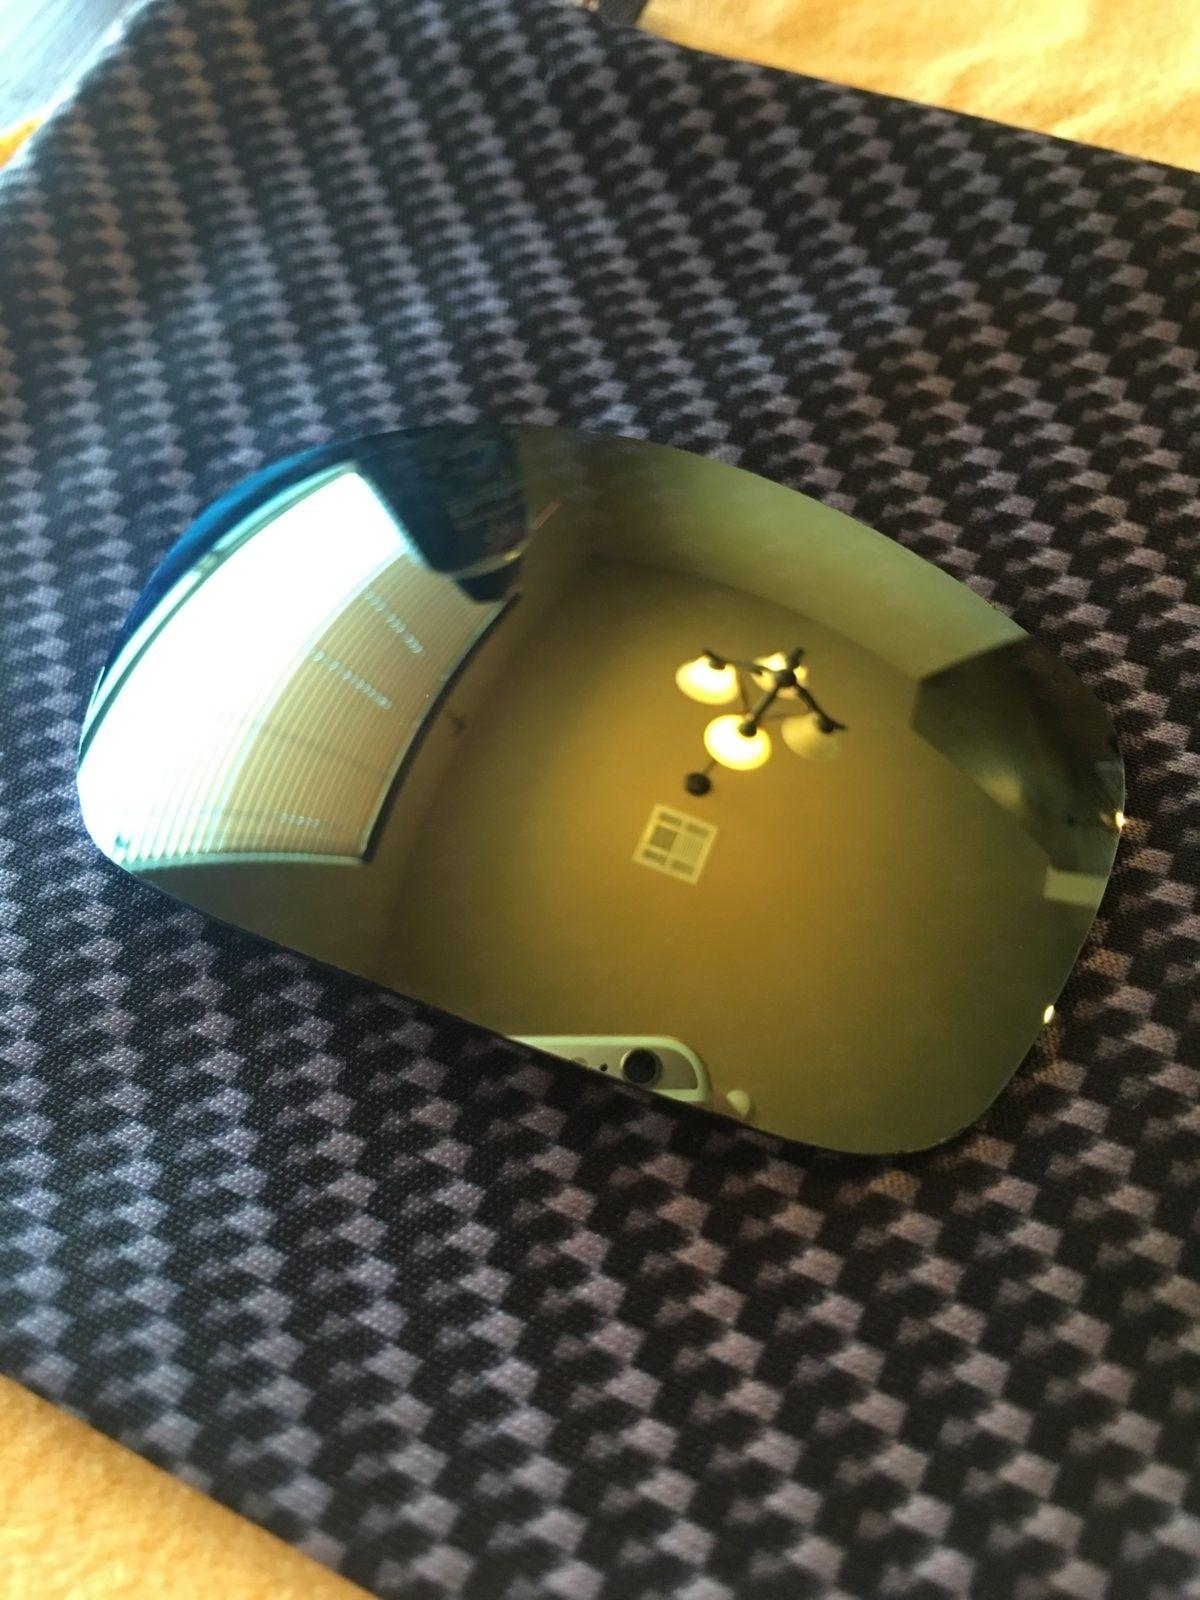 XS Ice Iridium Lenses *$60* - image.jpeg